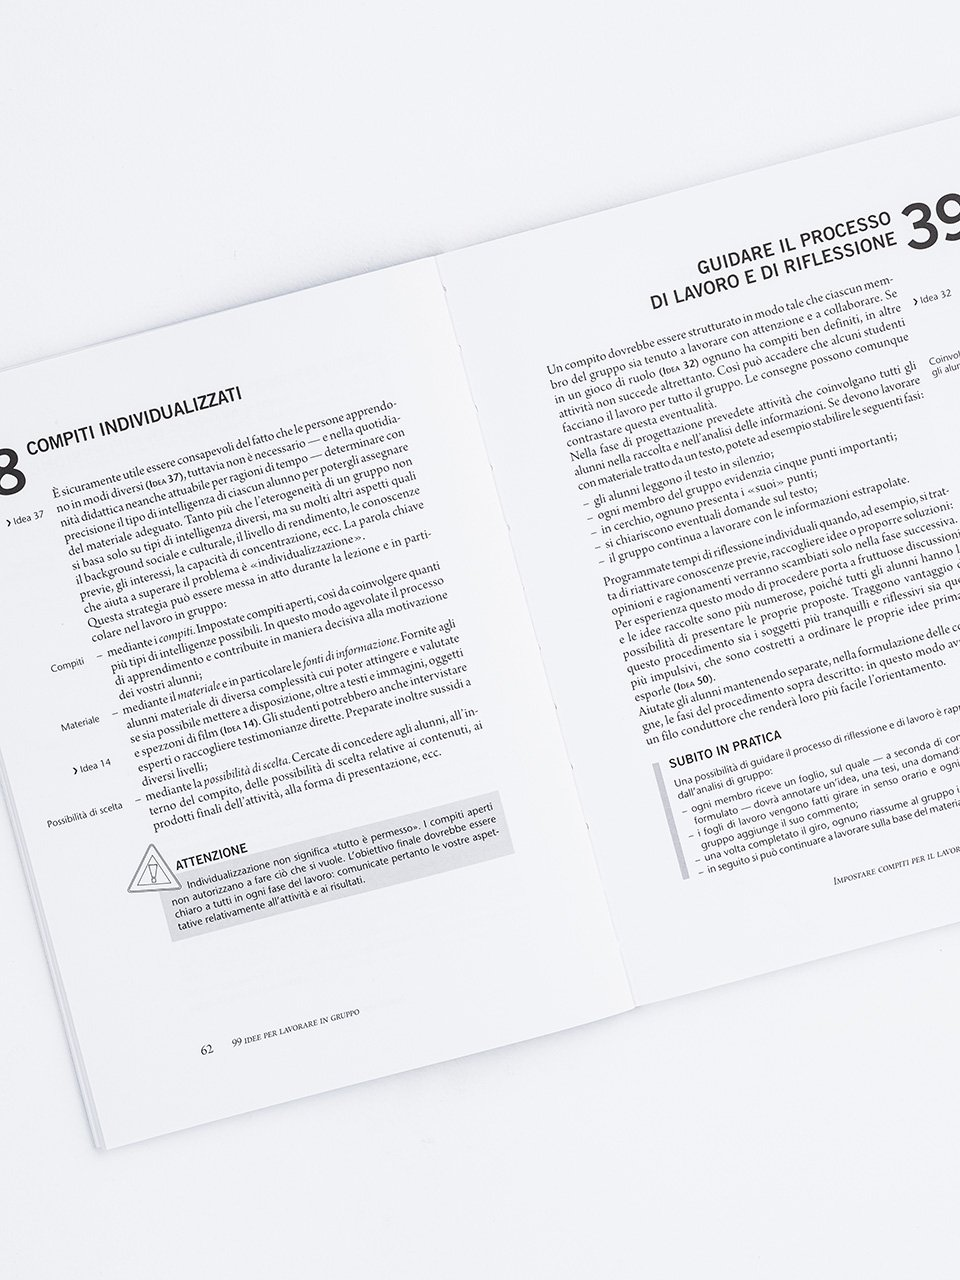 99 idee per lavorare in gruppo - Libri - Erickson 2